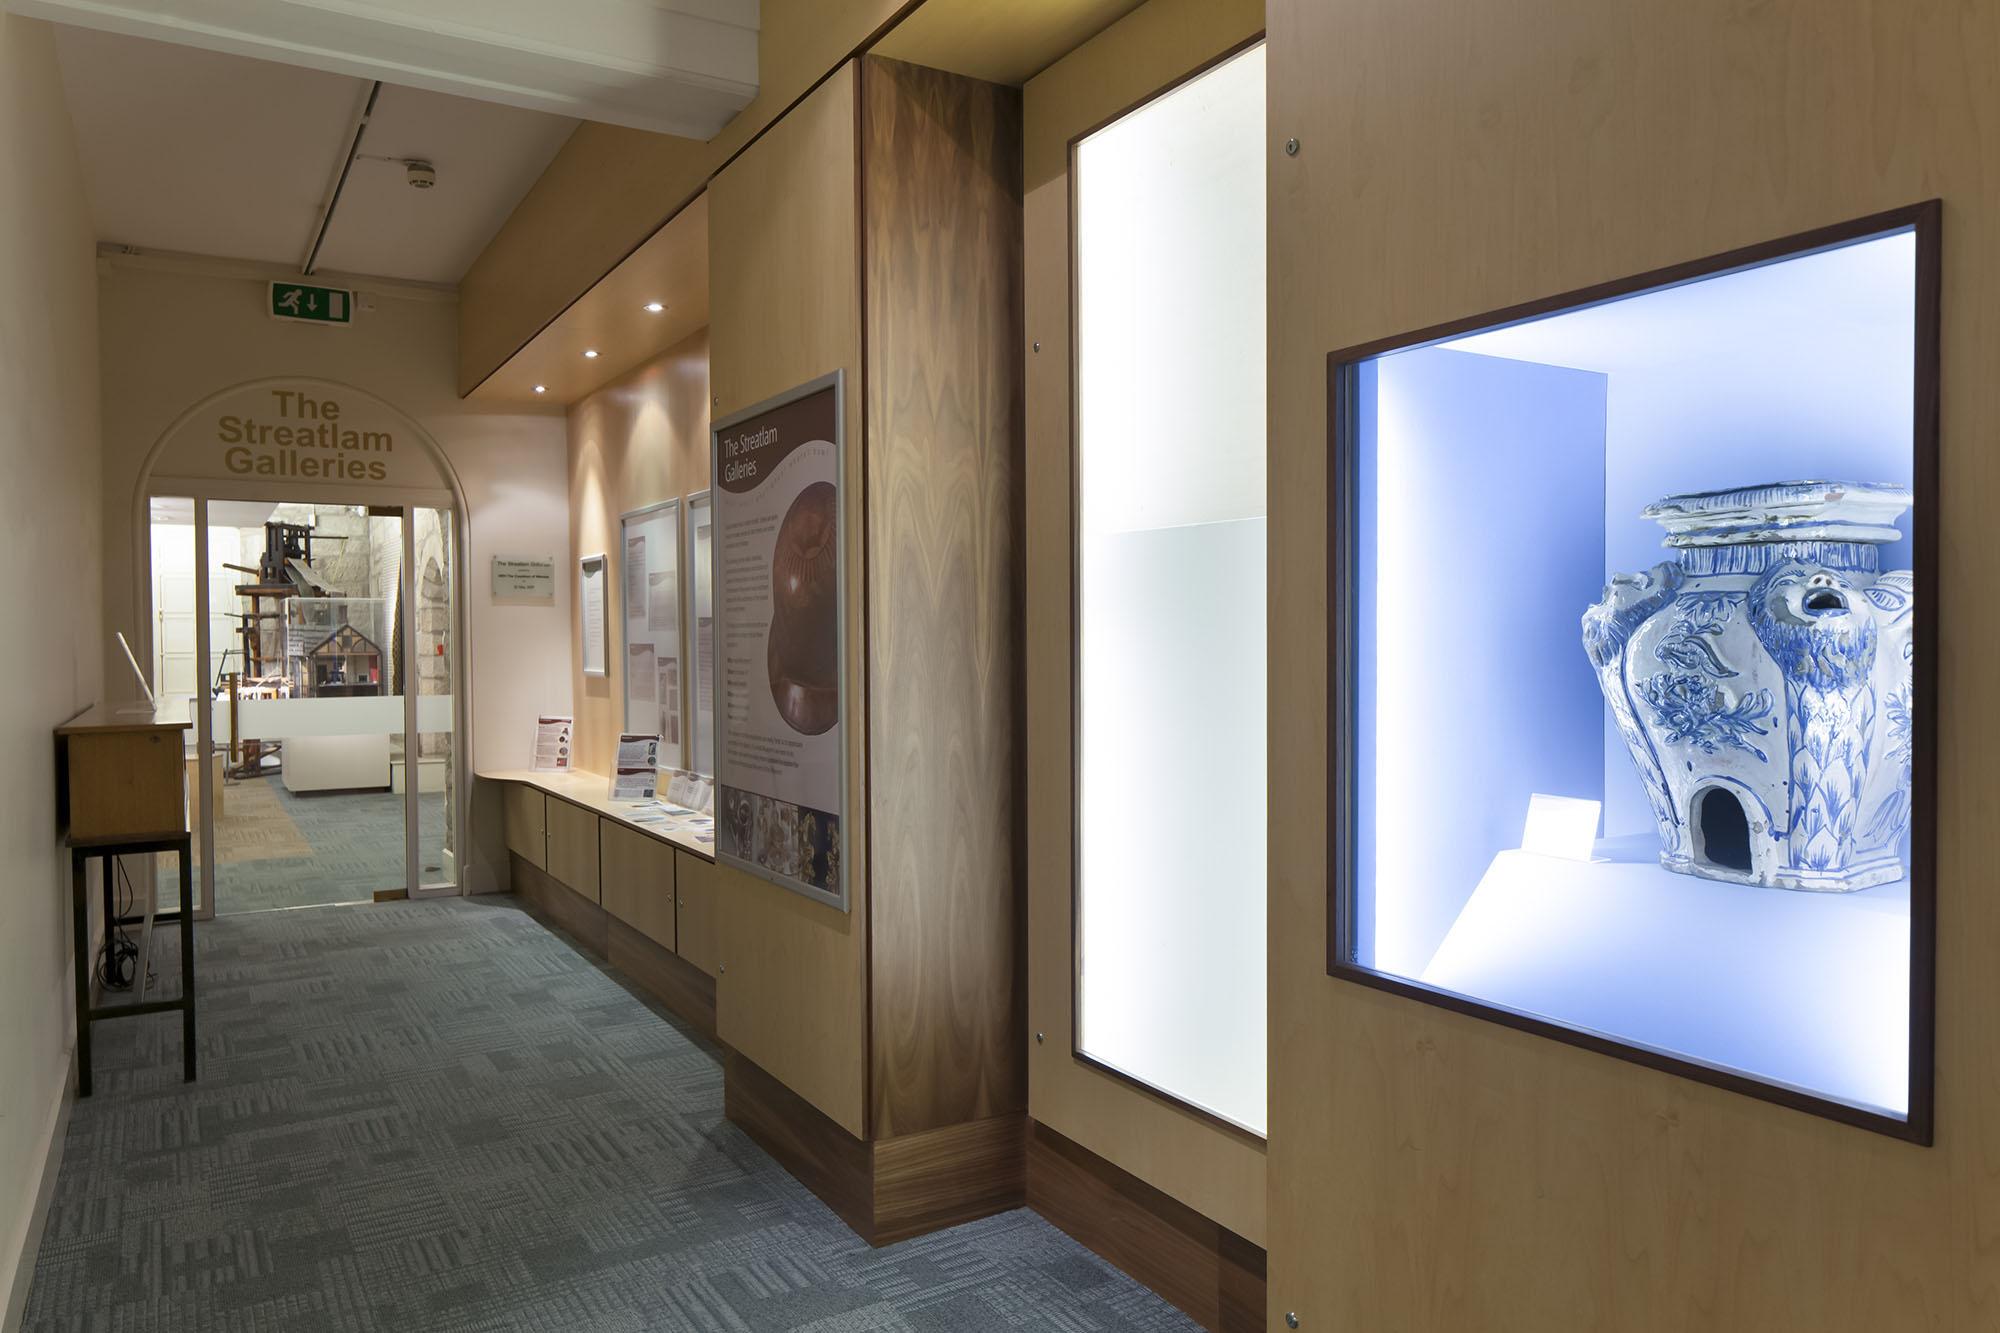 Niven Bowes Museum Streetlam Galleries 1.jpg